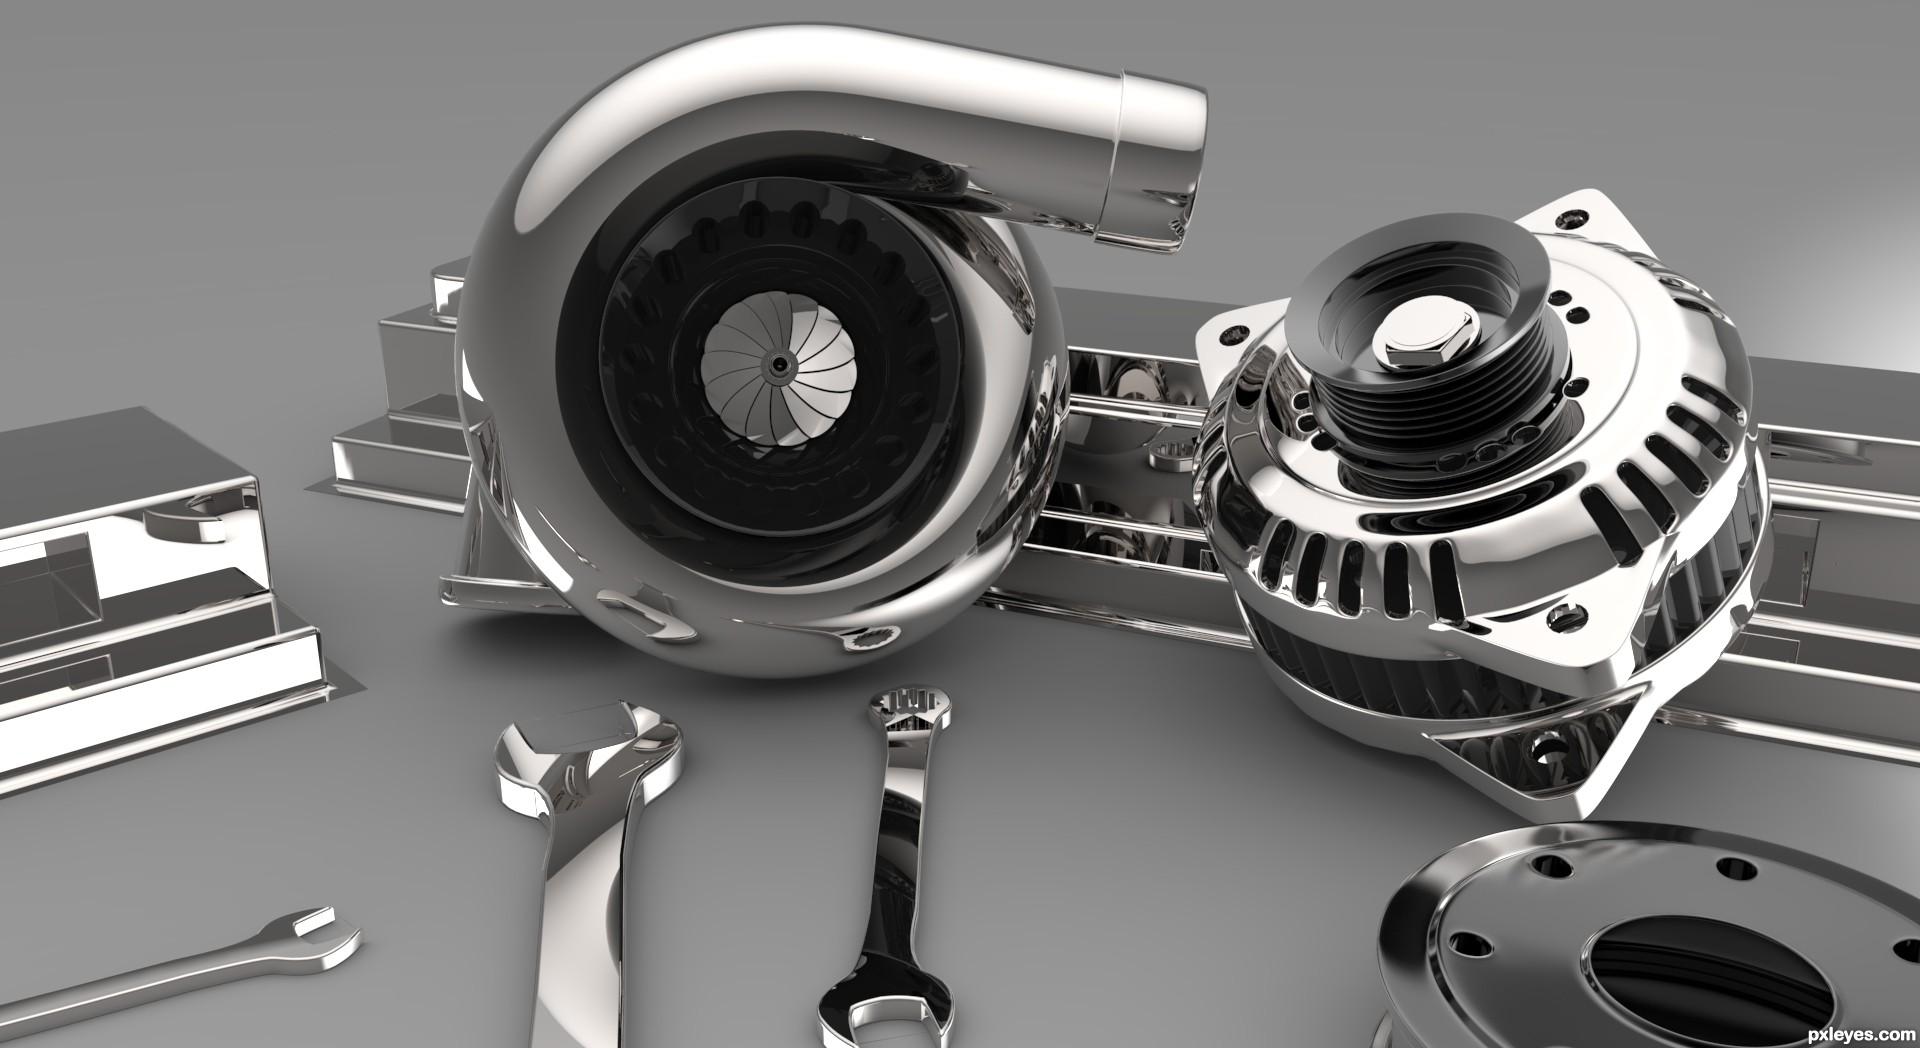 Car-Parts-5102b70bf195e_hires